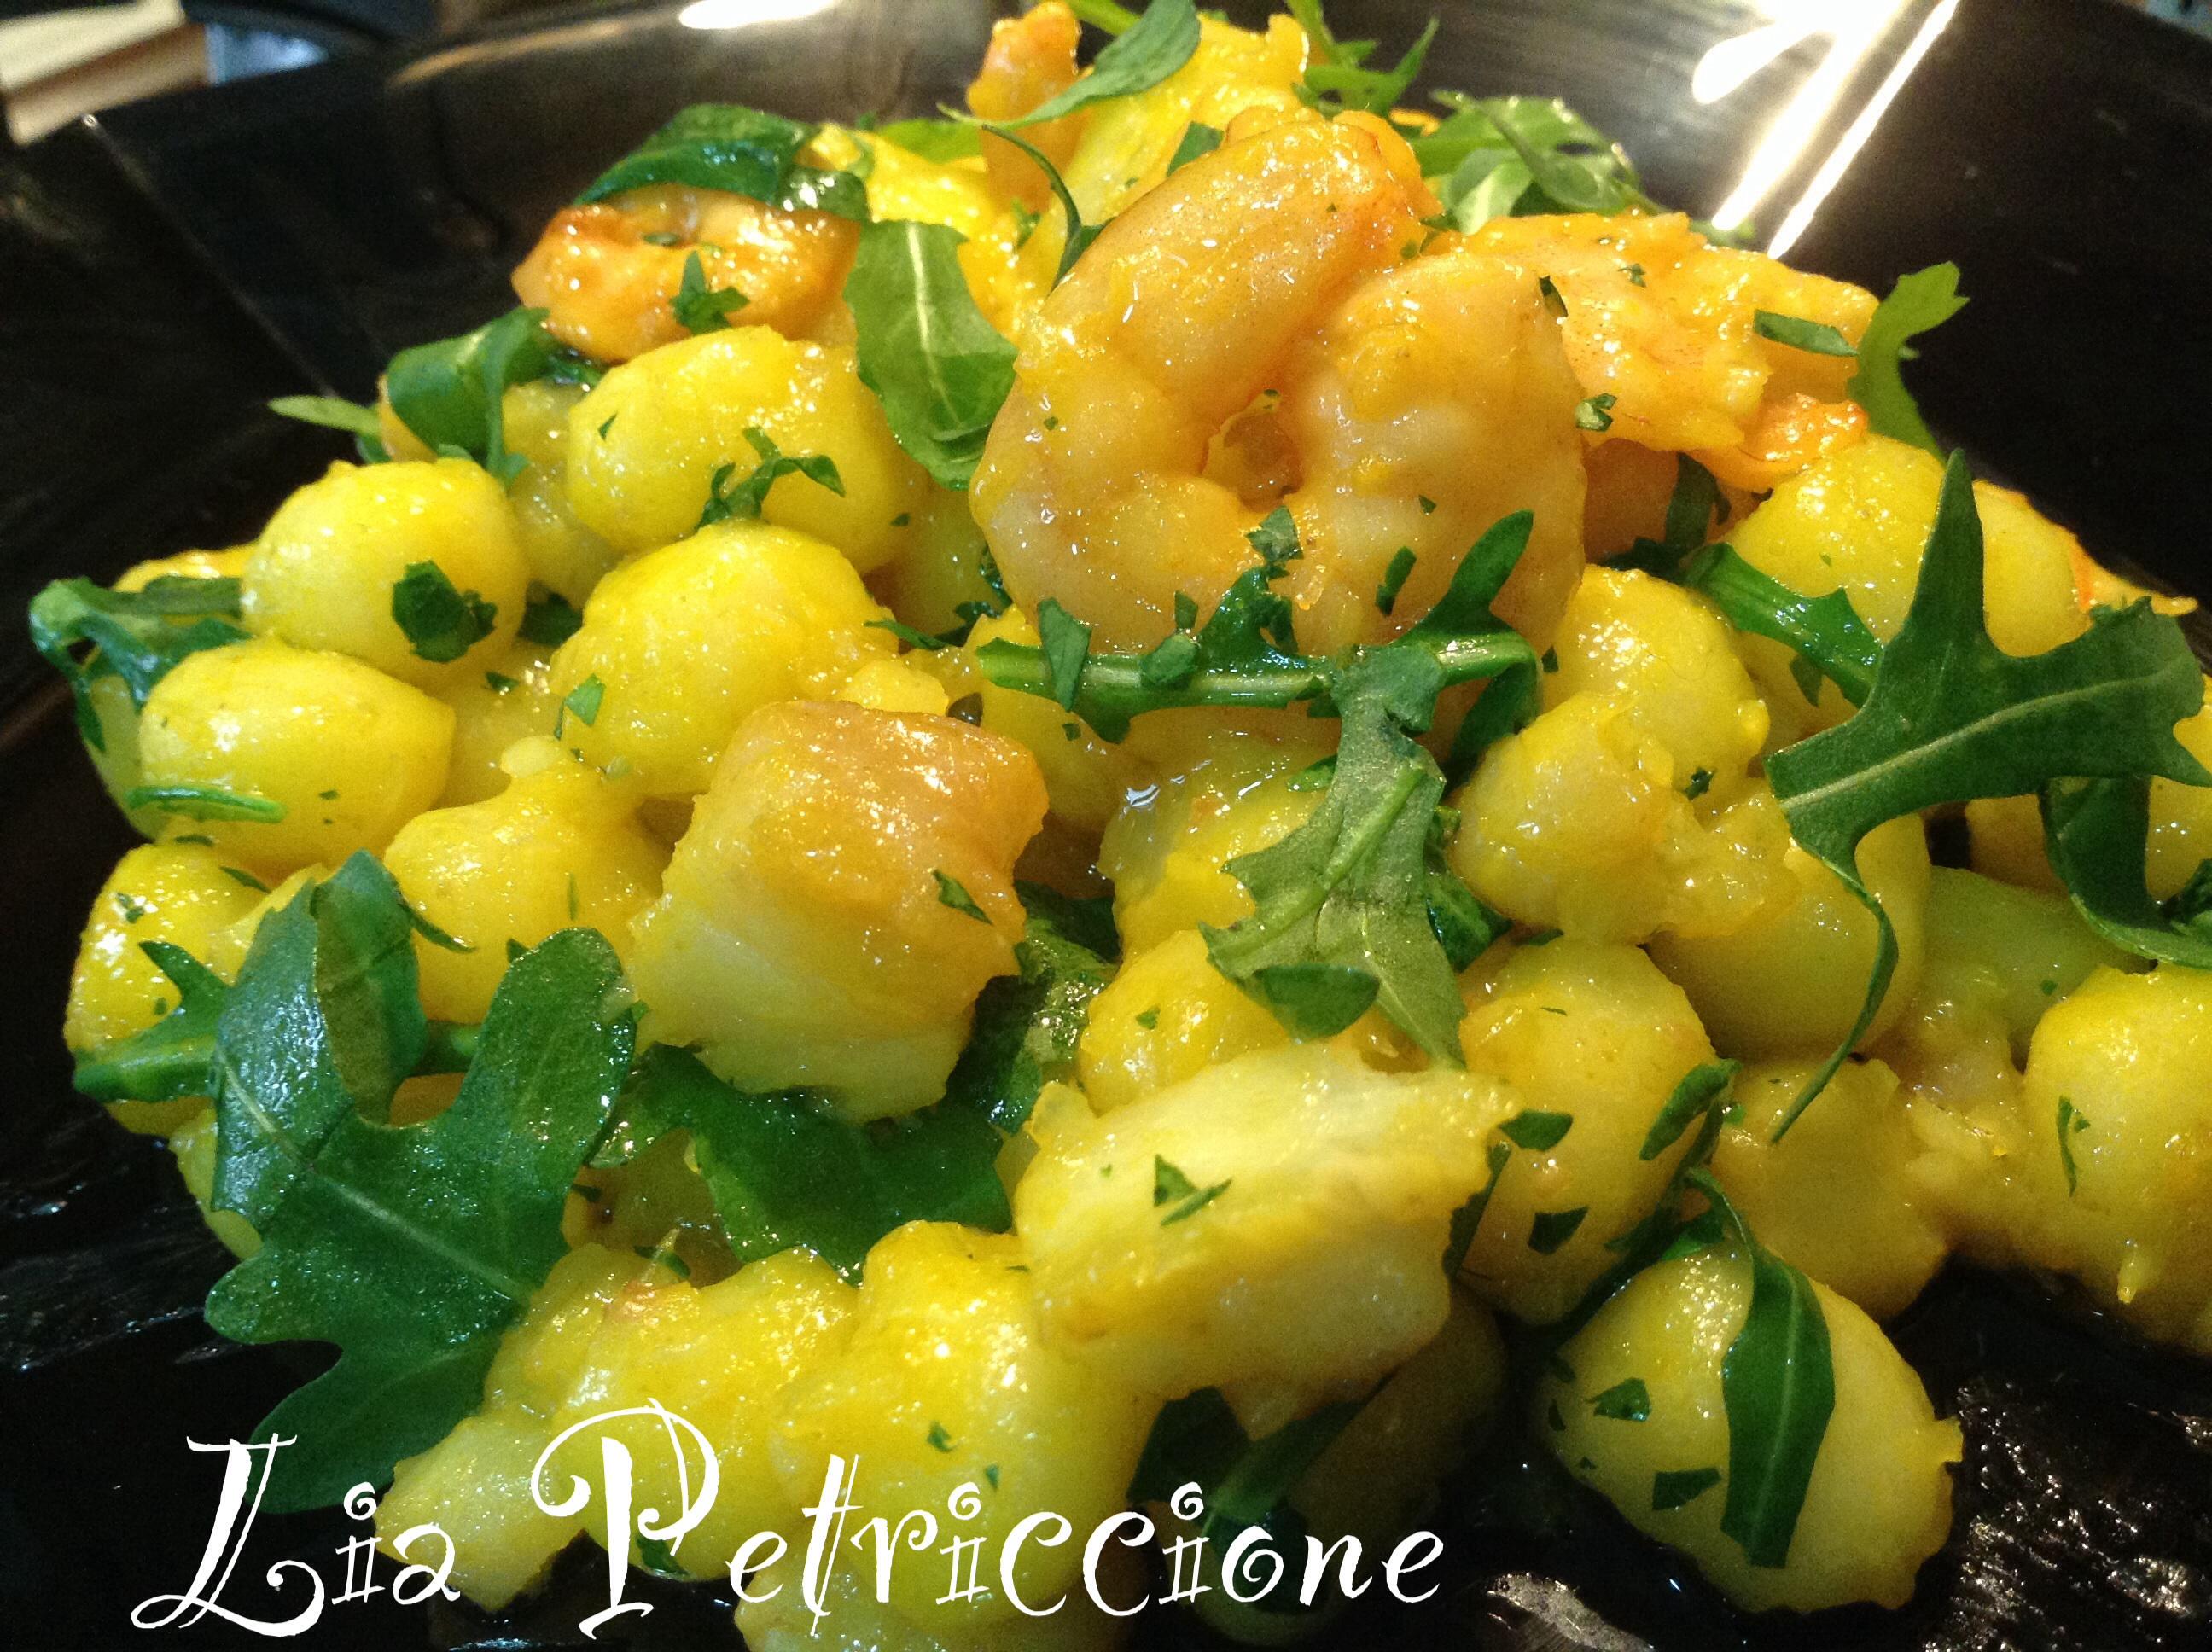 Torta Mimosa Ingredienti Des Photos Des Photos De Fond Fond D'écran #B48D17 2592 1936 Ricette Cucina Disegnate